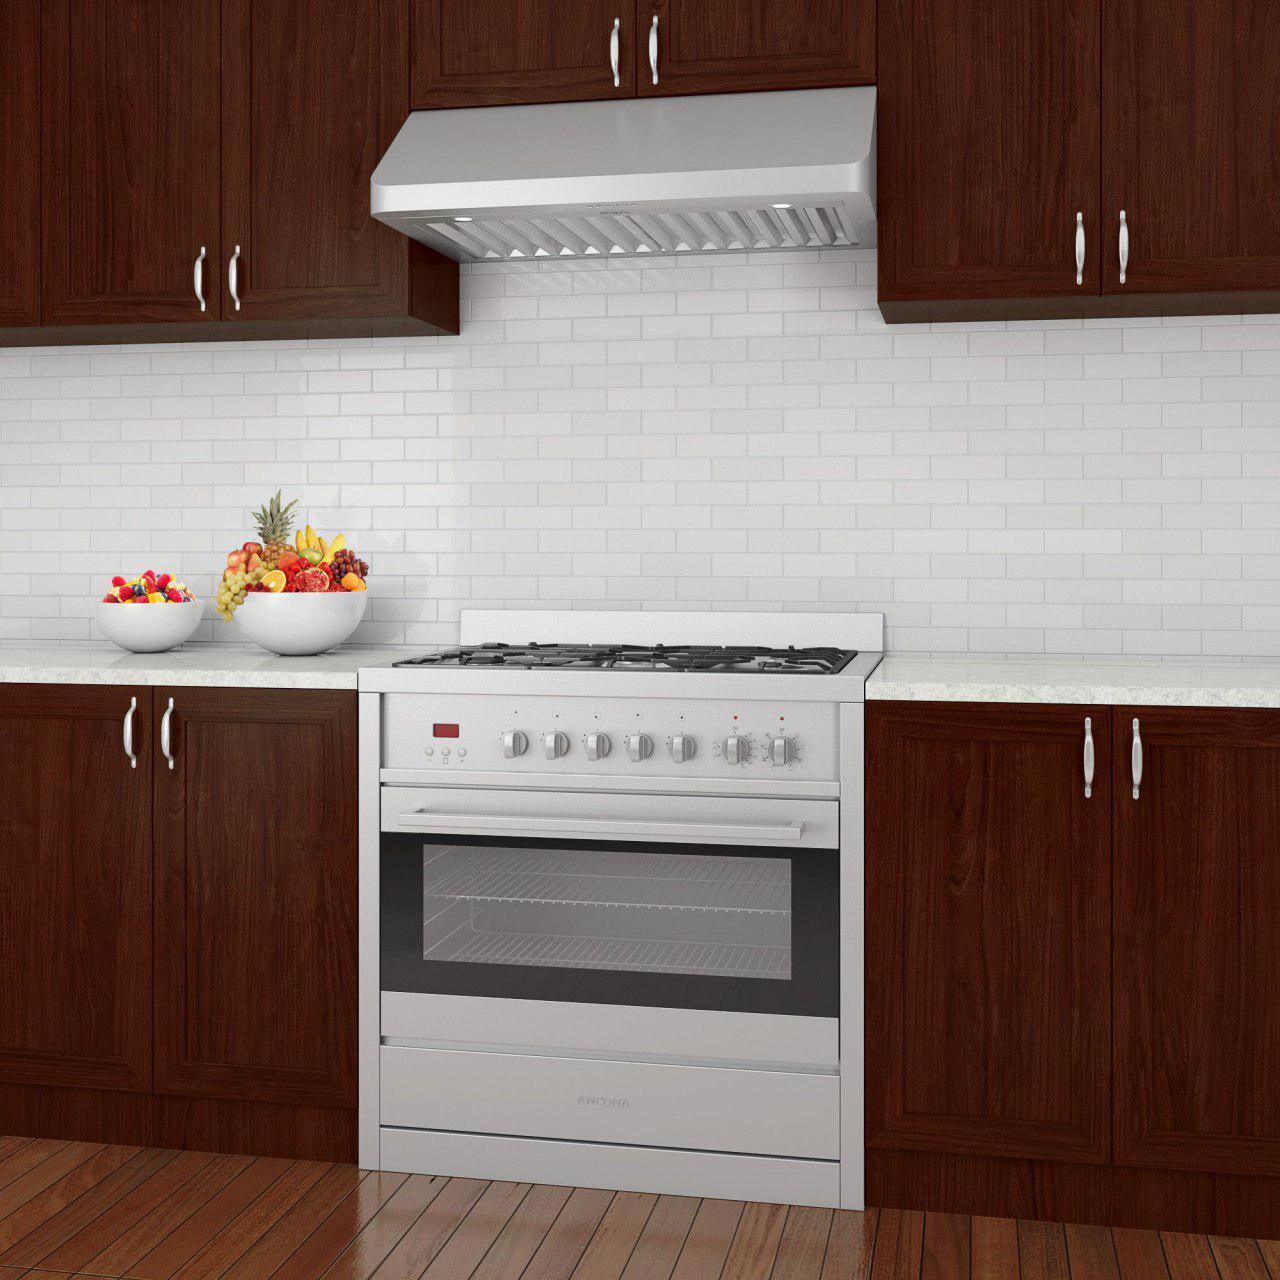 خرید هود آشپزخانه زیر کابینتی در ساختمان صنعت